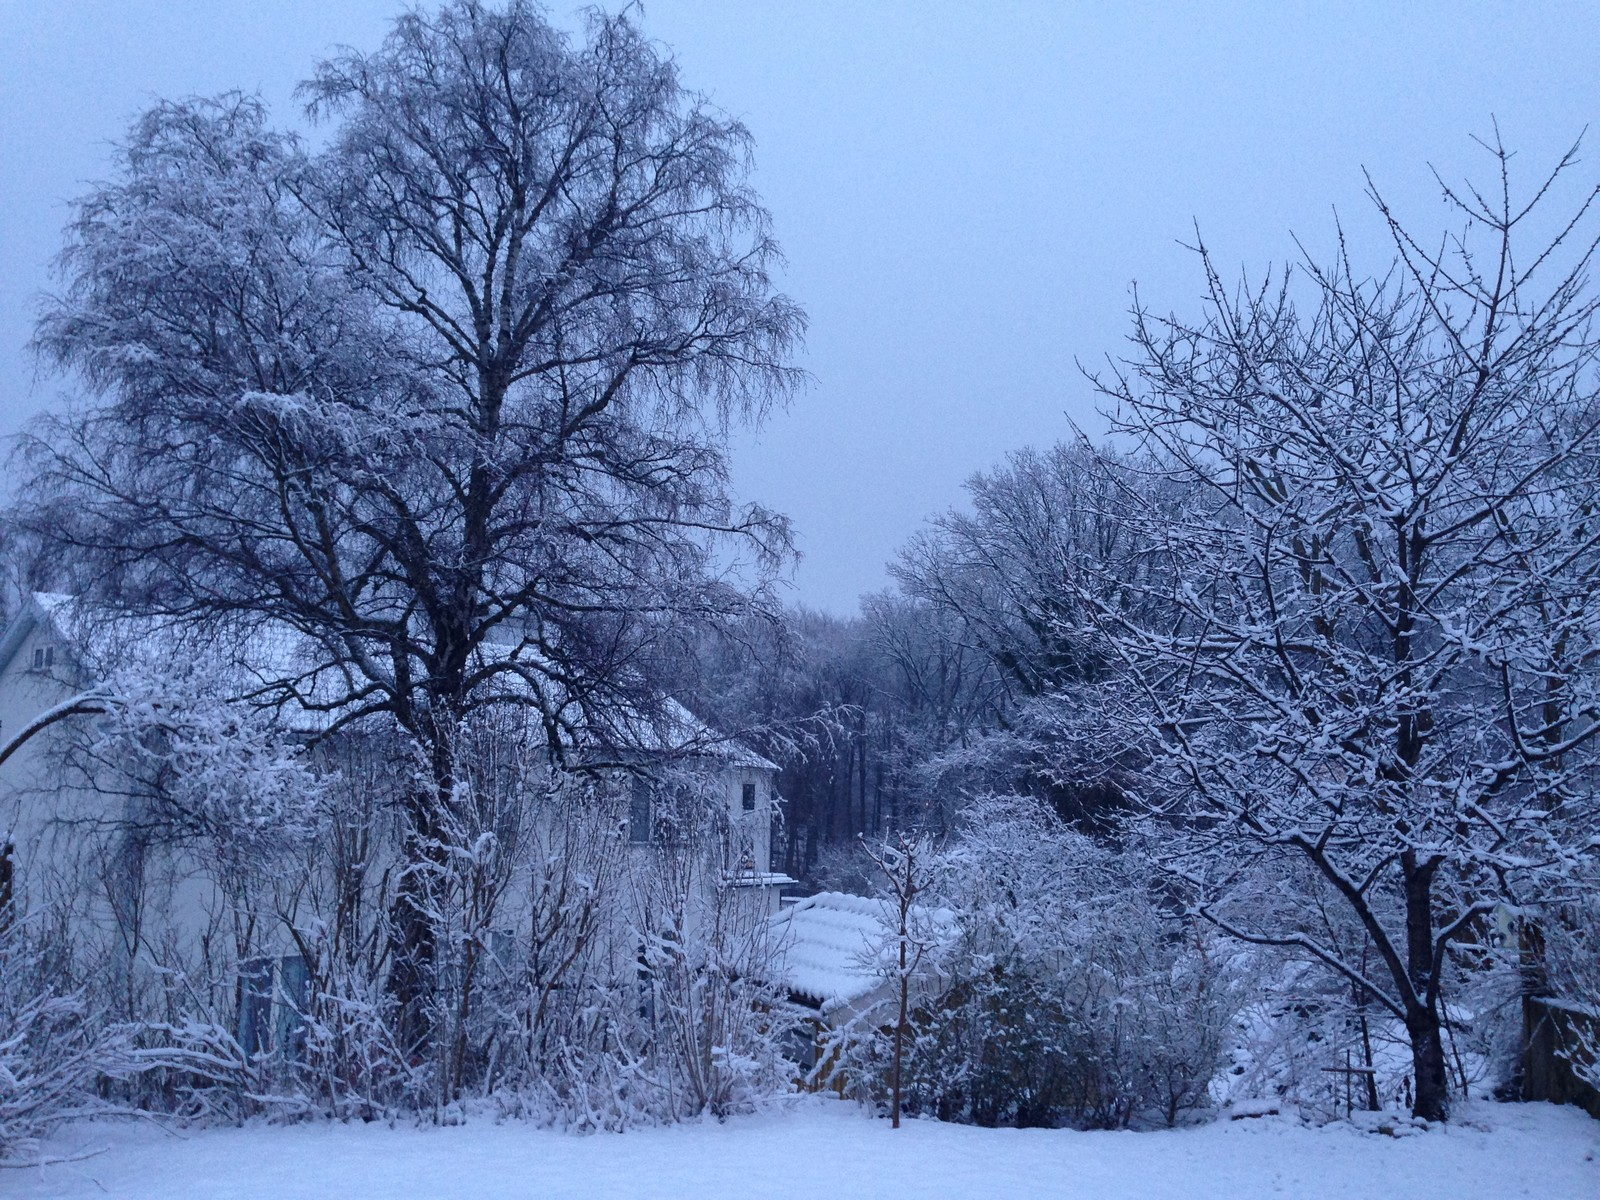 Bidrag 3 - Vintervy från Kronobergsgatan en tidig morgon